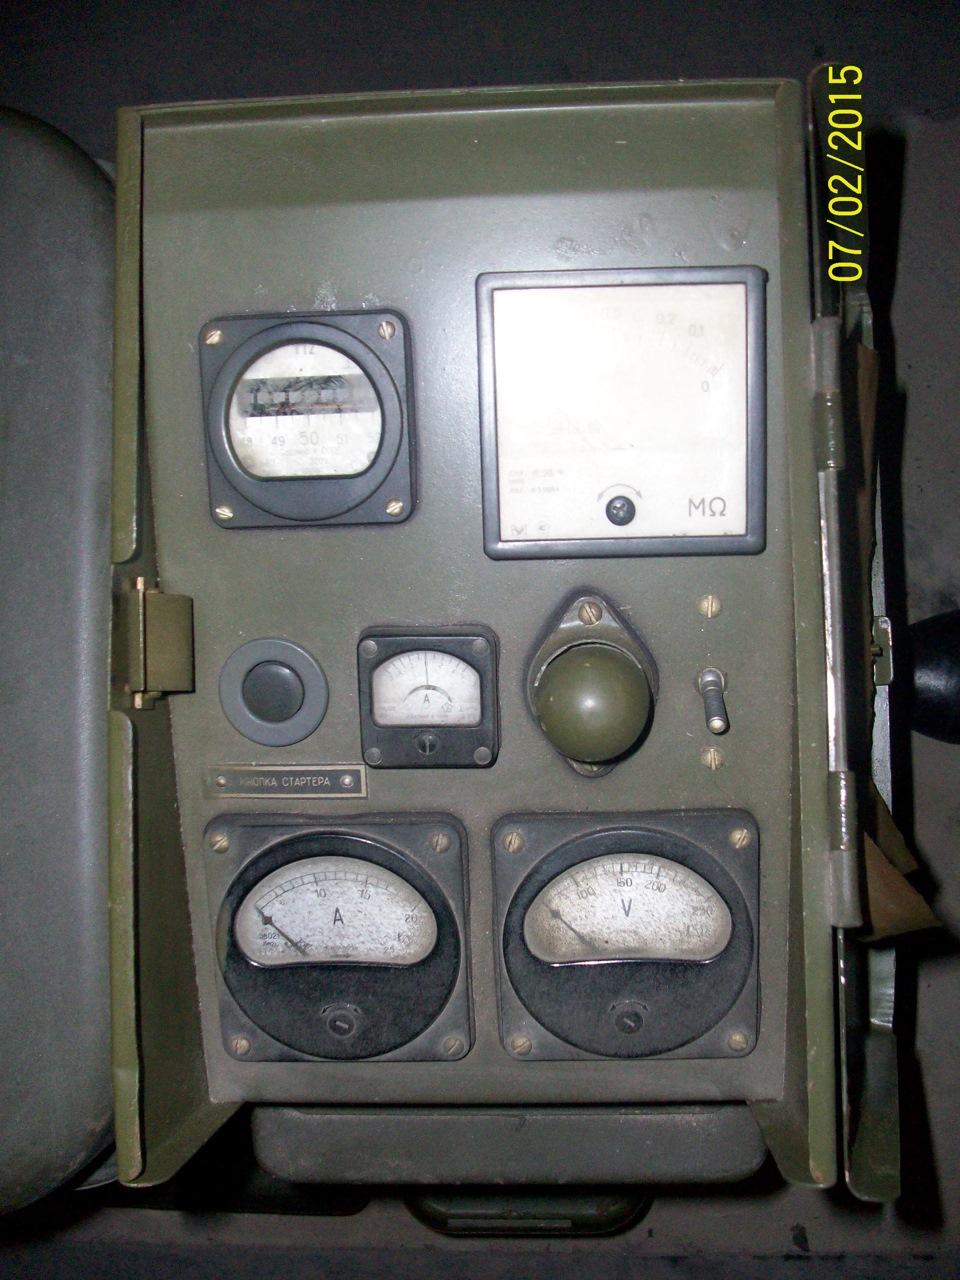 электростанция аб 4-0-230-м1 схема электрическая